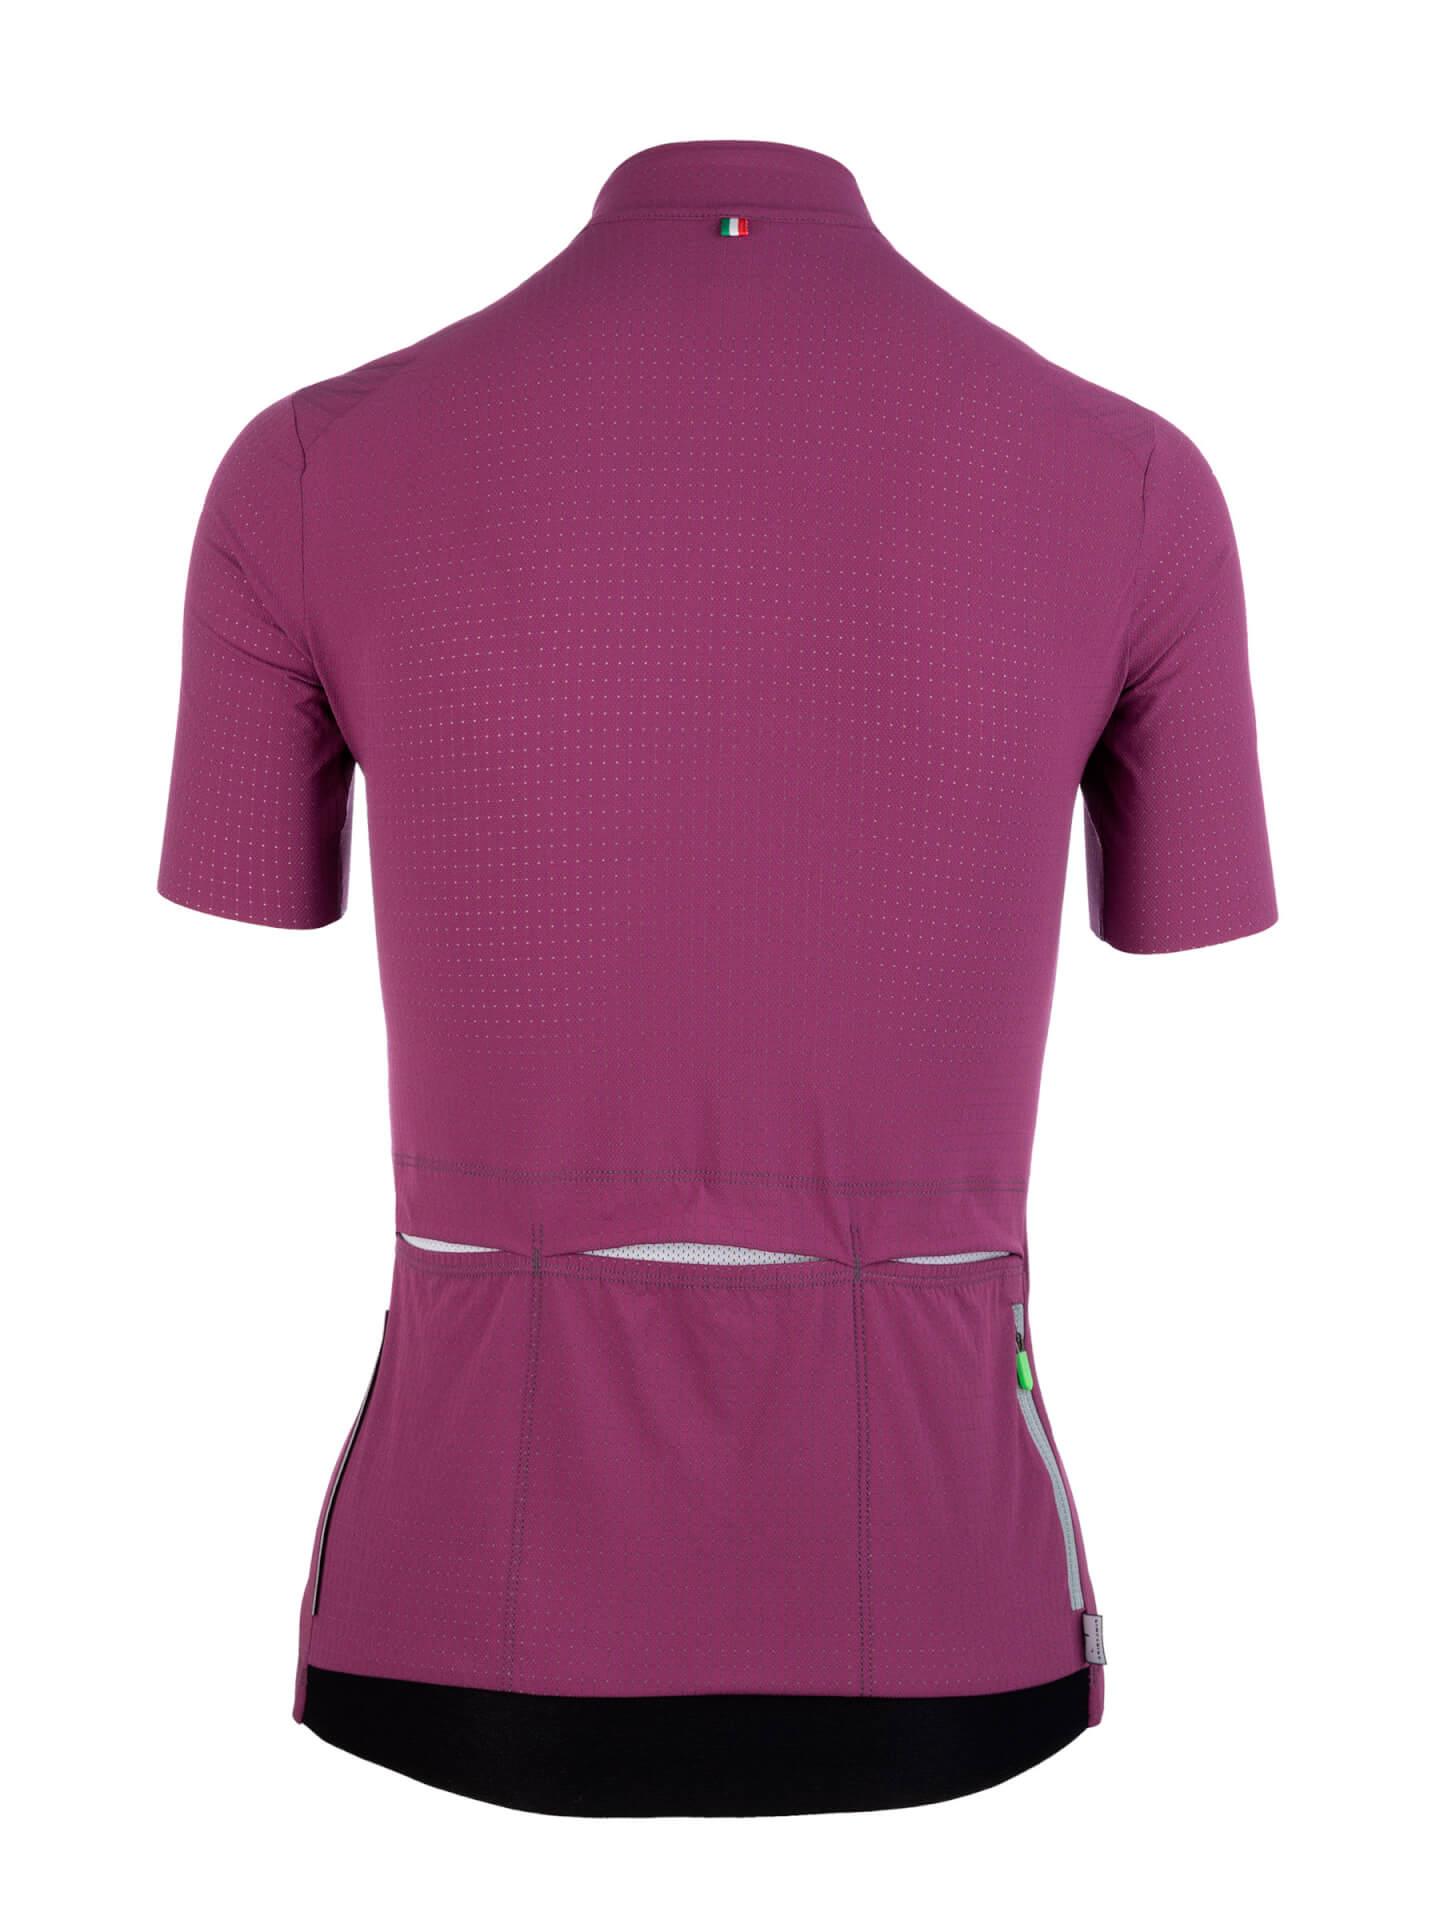 Kurzarmtrikot L1 woman Pinstripe X Purple